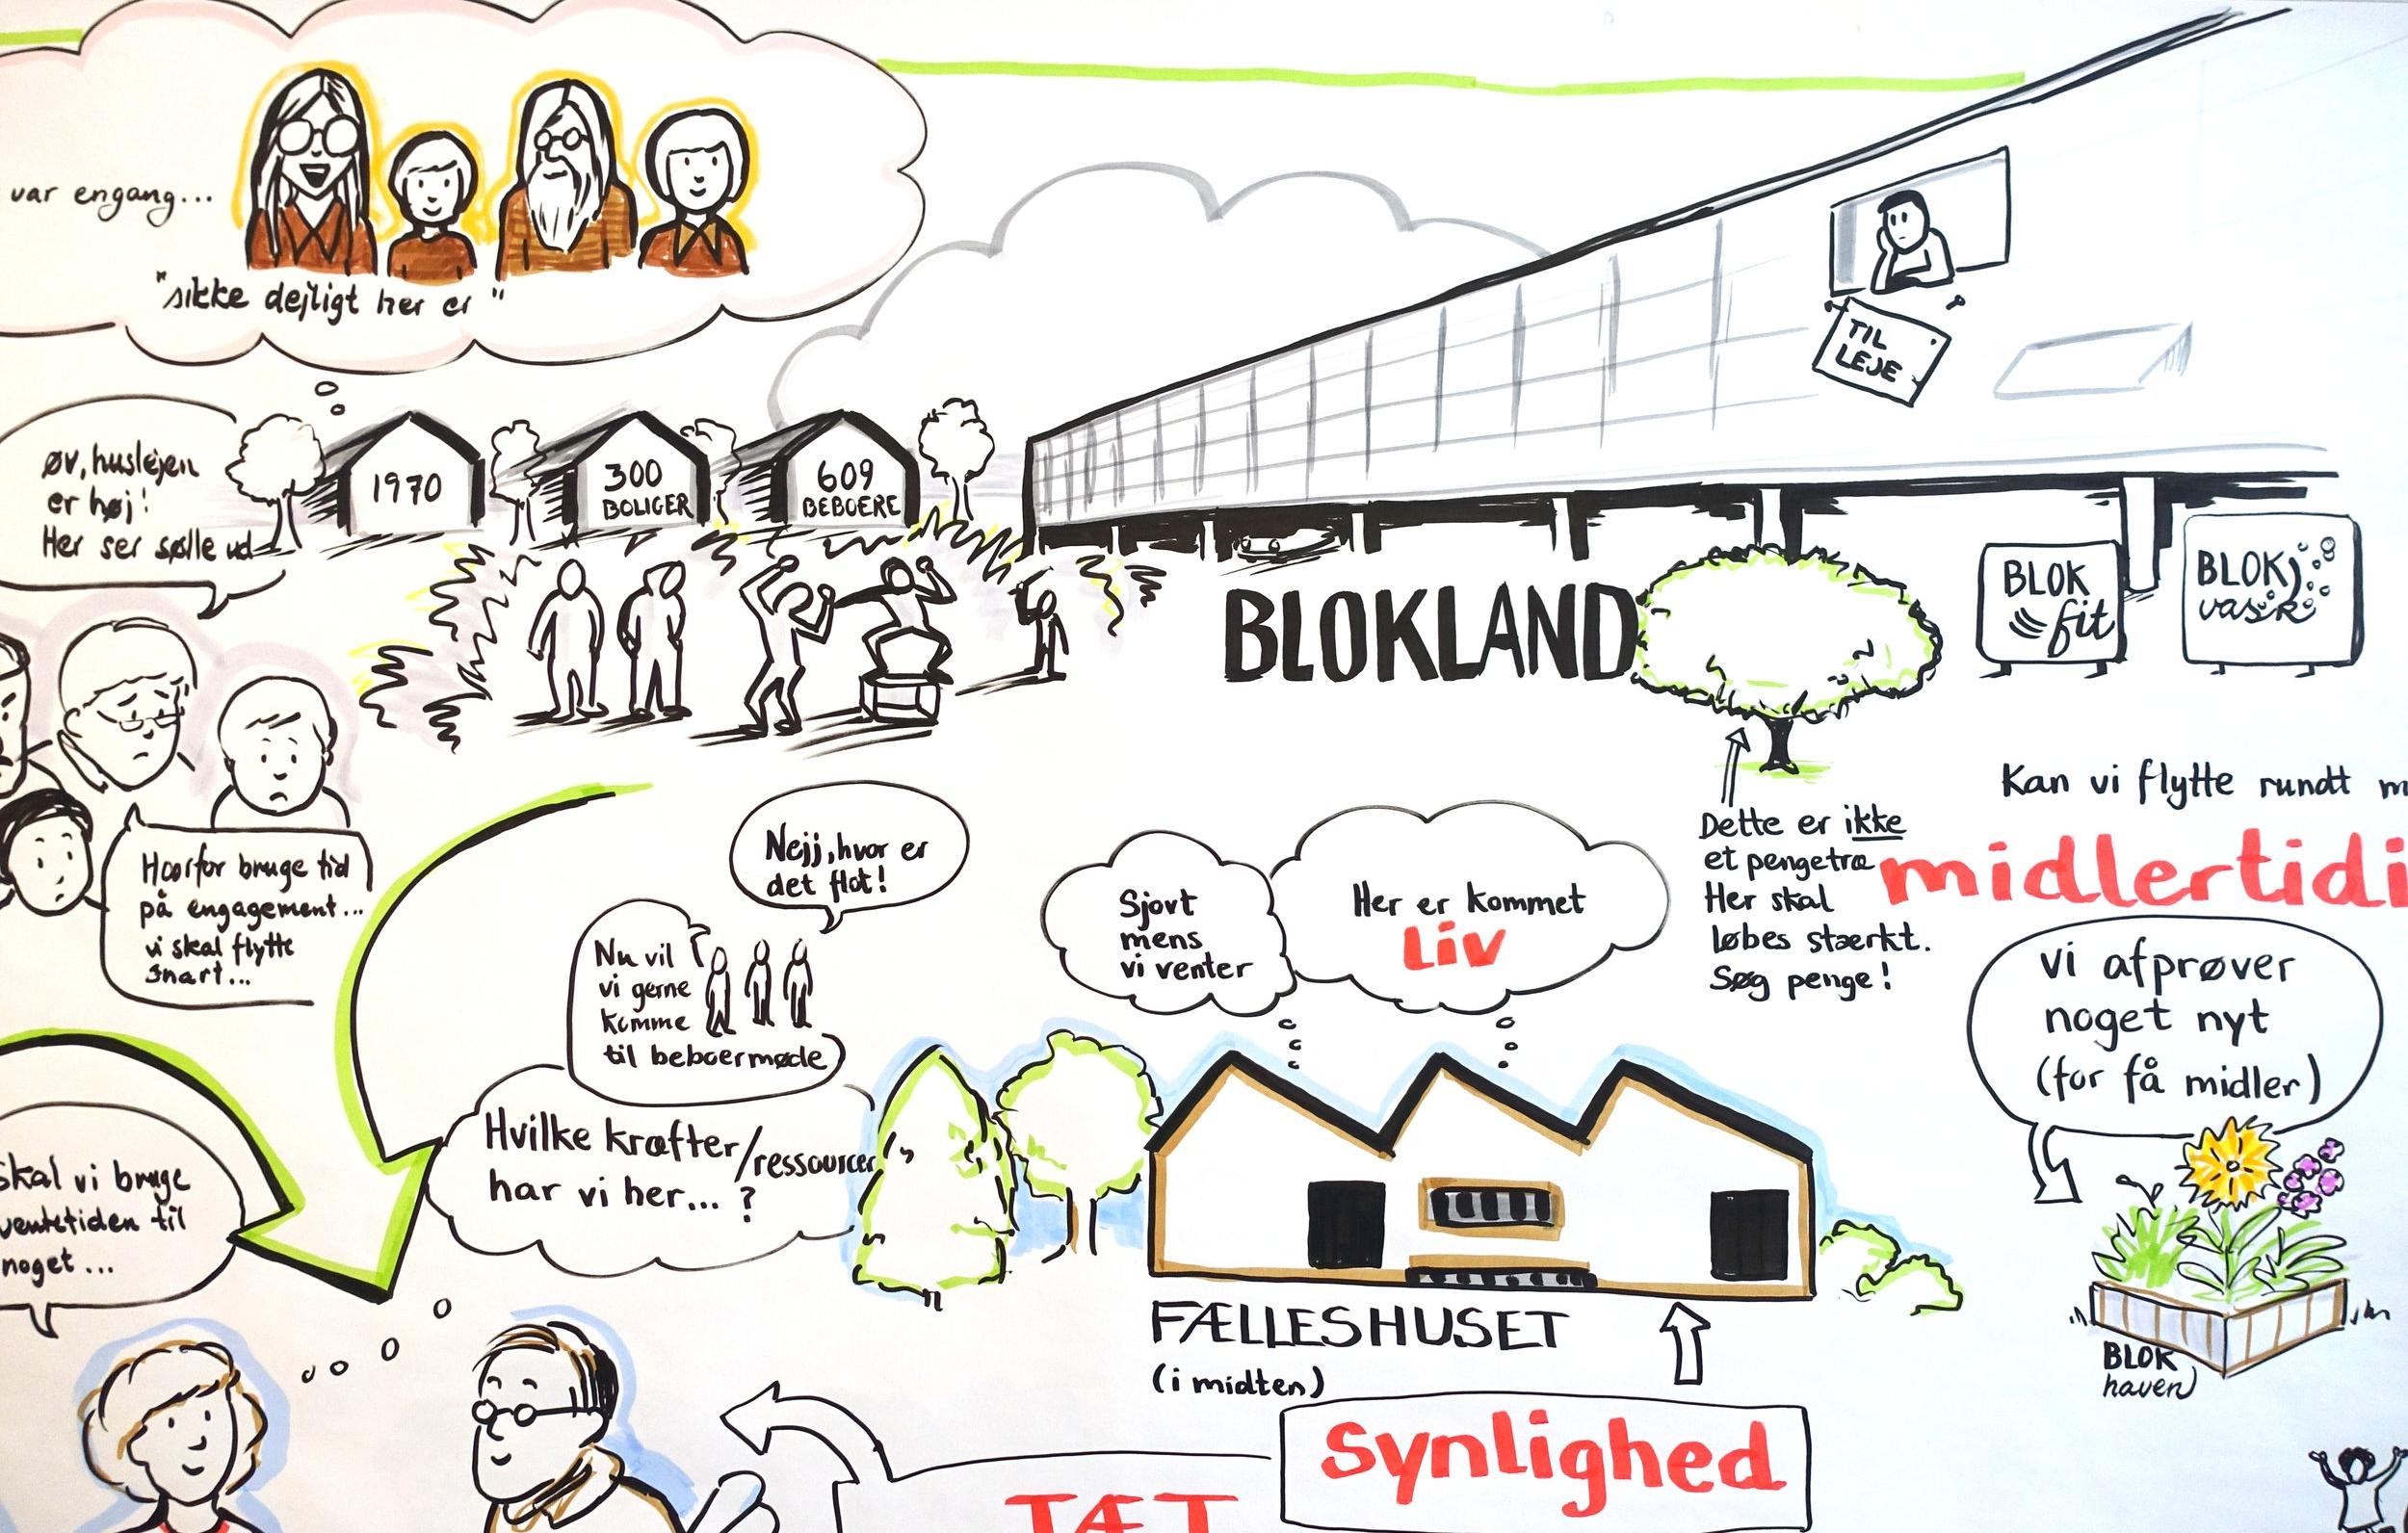 Udsnit fra grafisk referat til Almene Boligdage 2017 i Aarhus